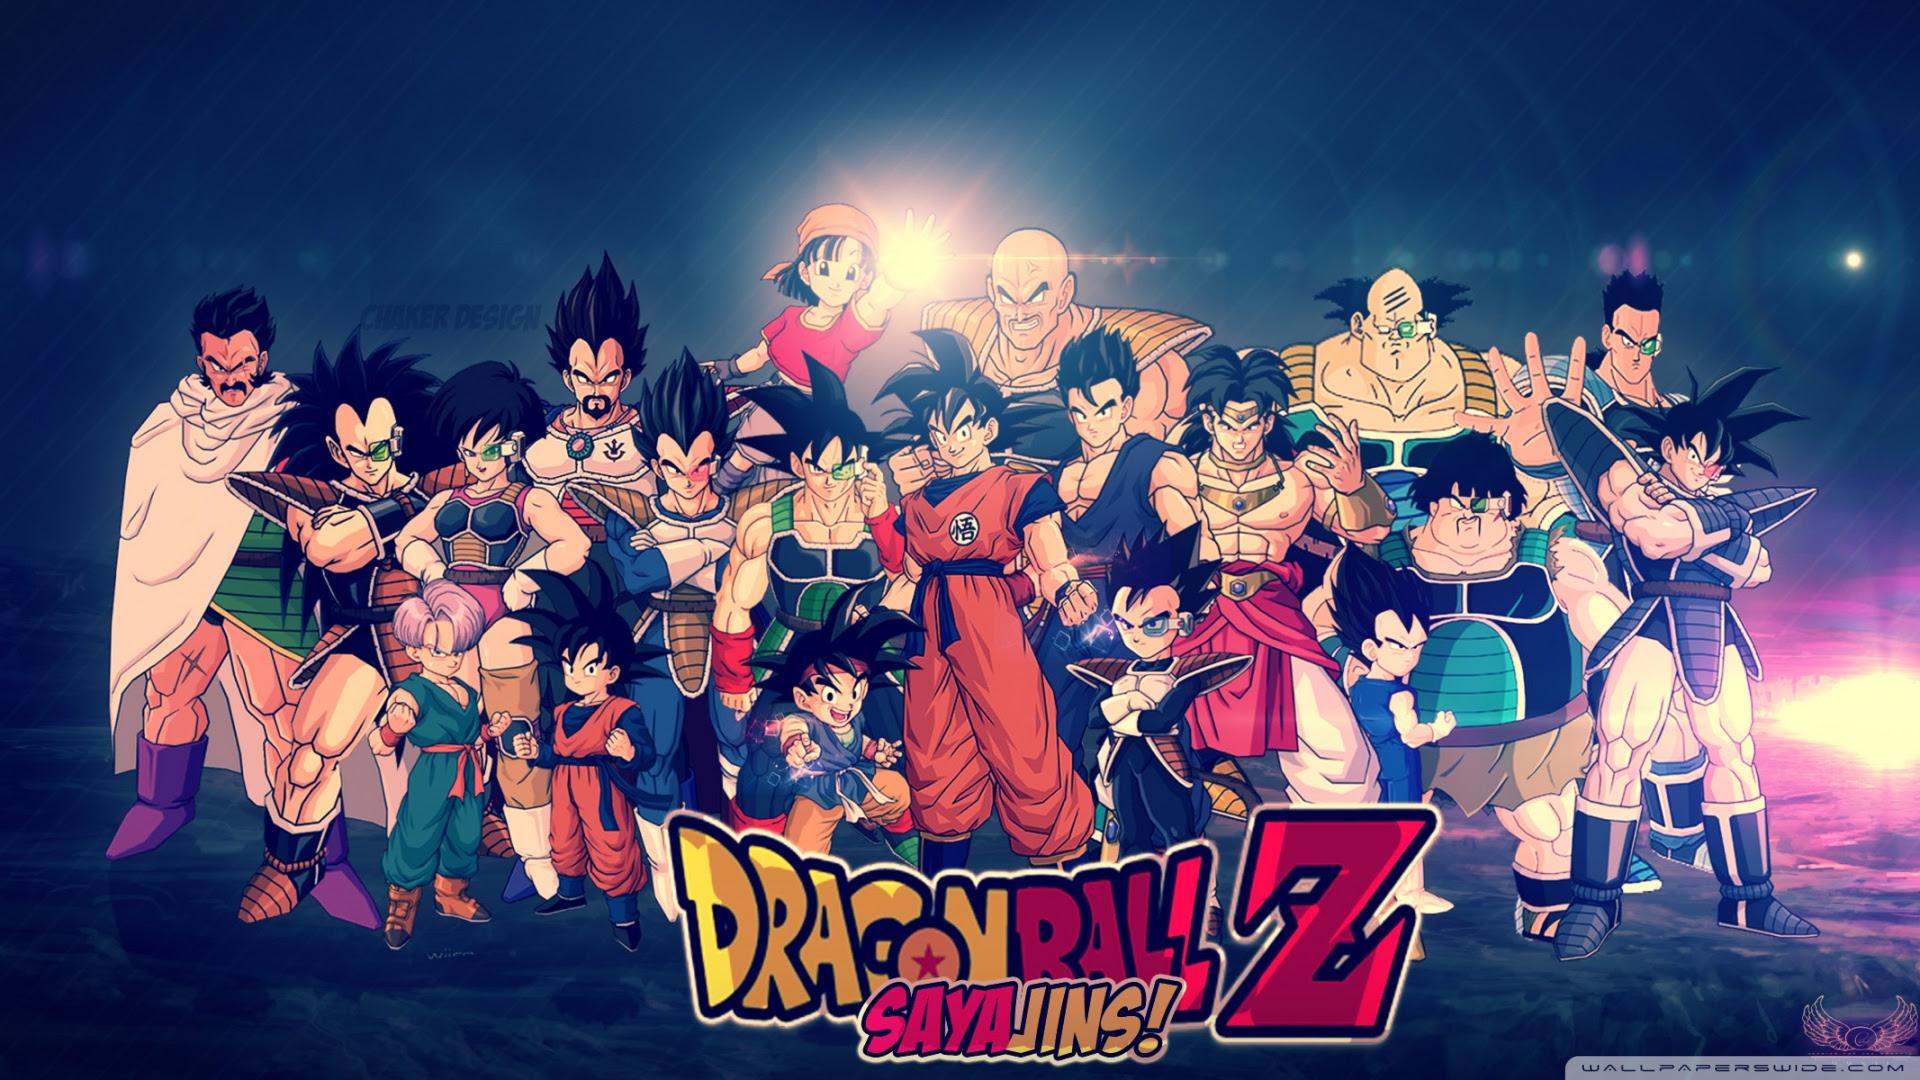 Dragon Ball Z Hd Wallpaper By Chaker Design 4k Hd Desktop